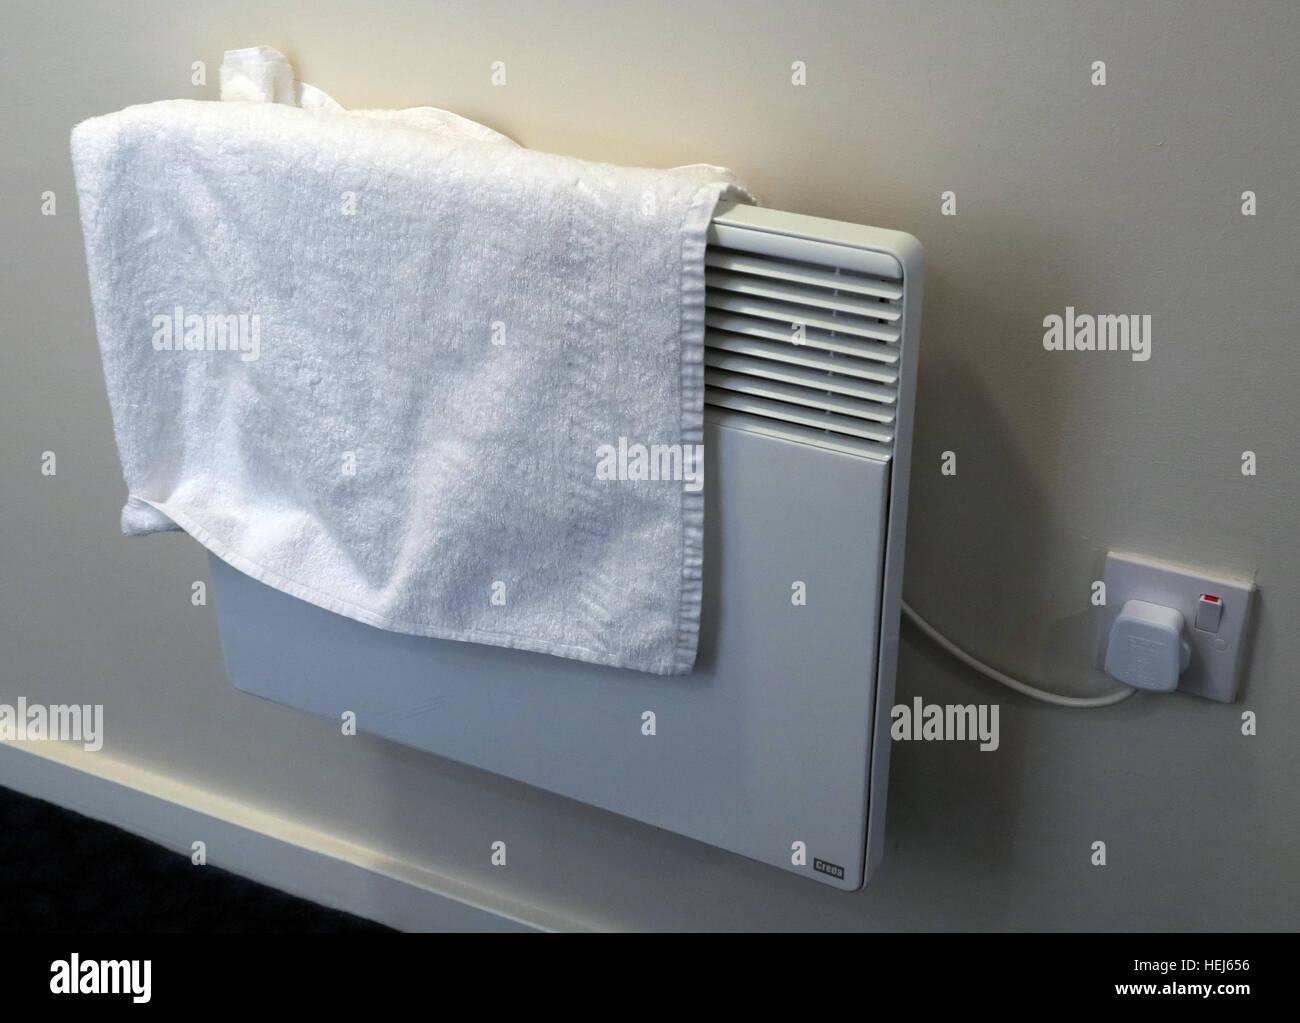 Laden Sie dieses Alamy Stockfoto Trocknen der Handtücher oder Kleidung auf elektrische Konvektion Heizungen, Brandgefahr - HEJ656